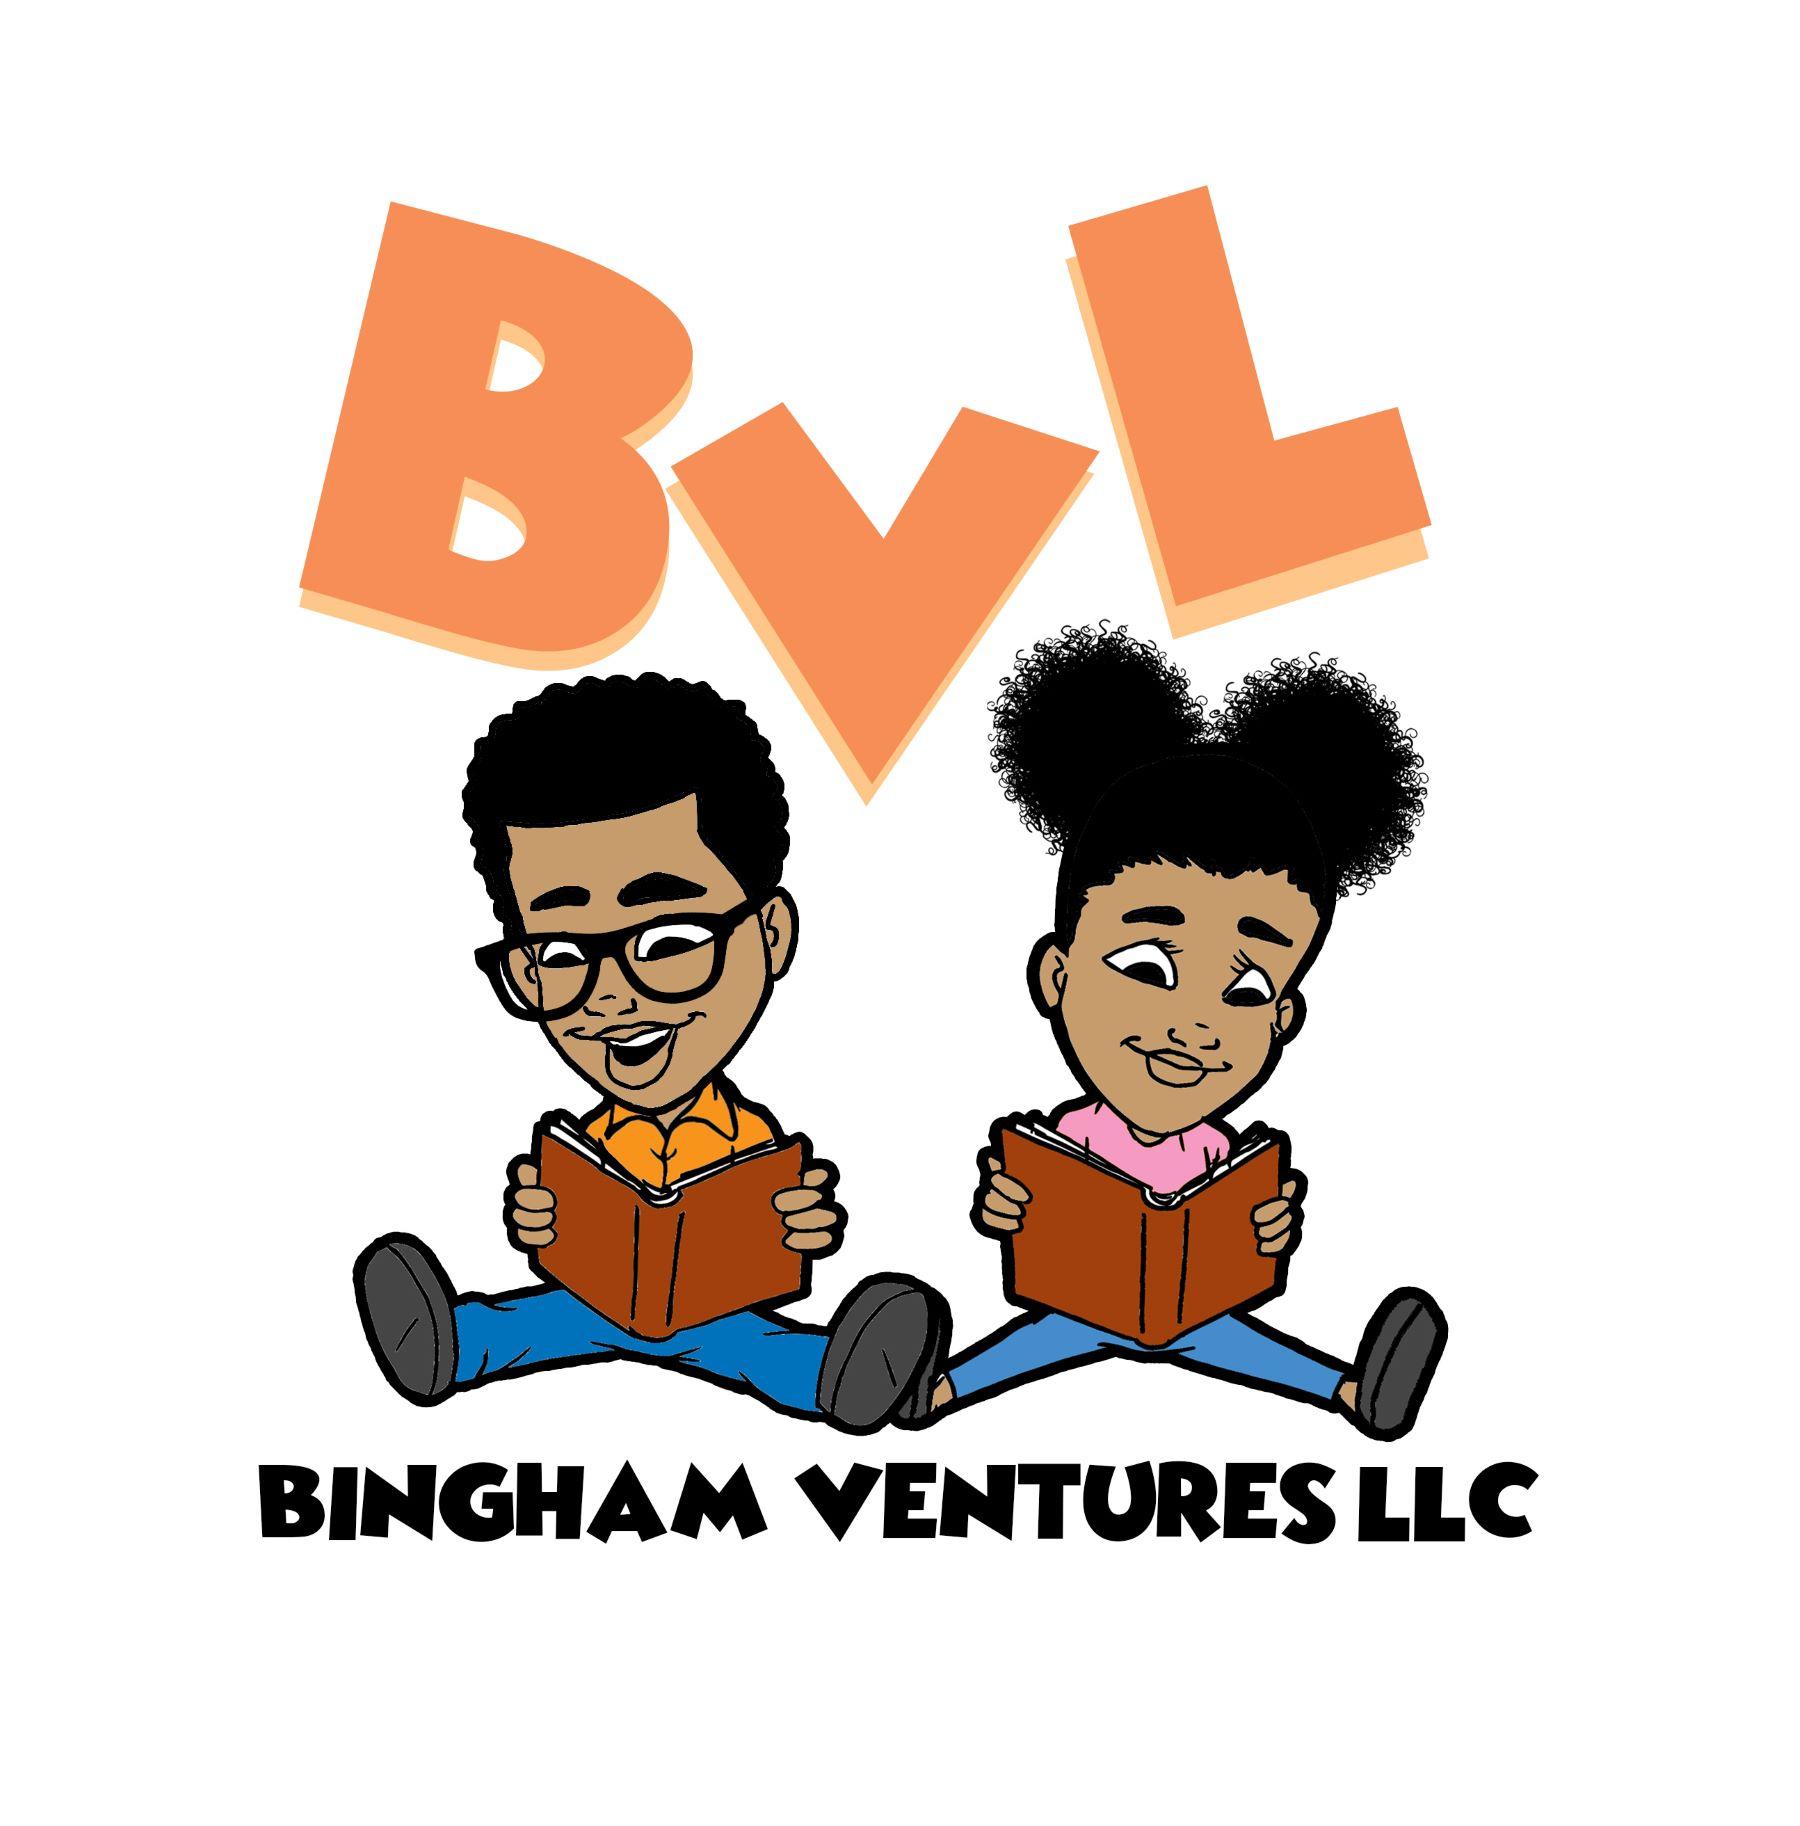 Bingham Ventures LLC